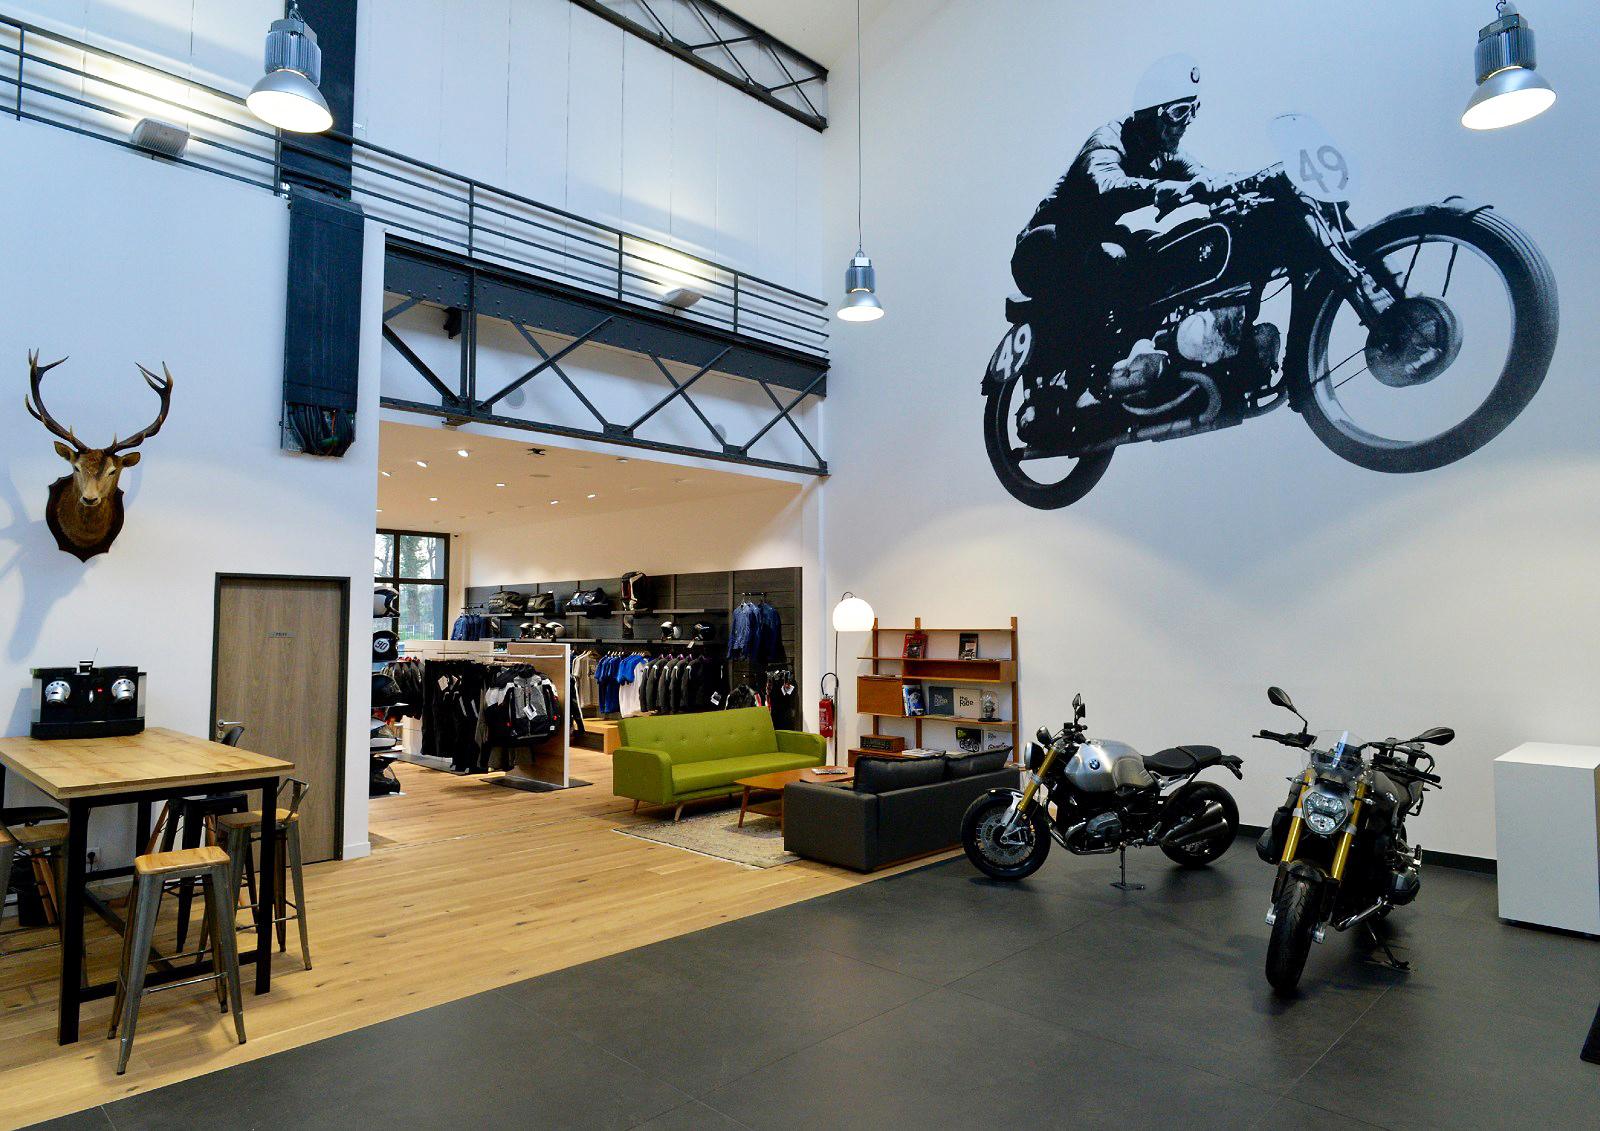 ガレージハウス計画 No.1 「BMW MOTORRAD のある生活」